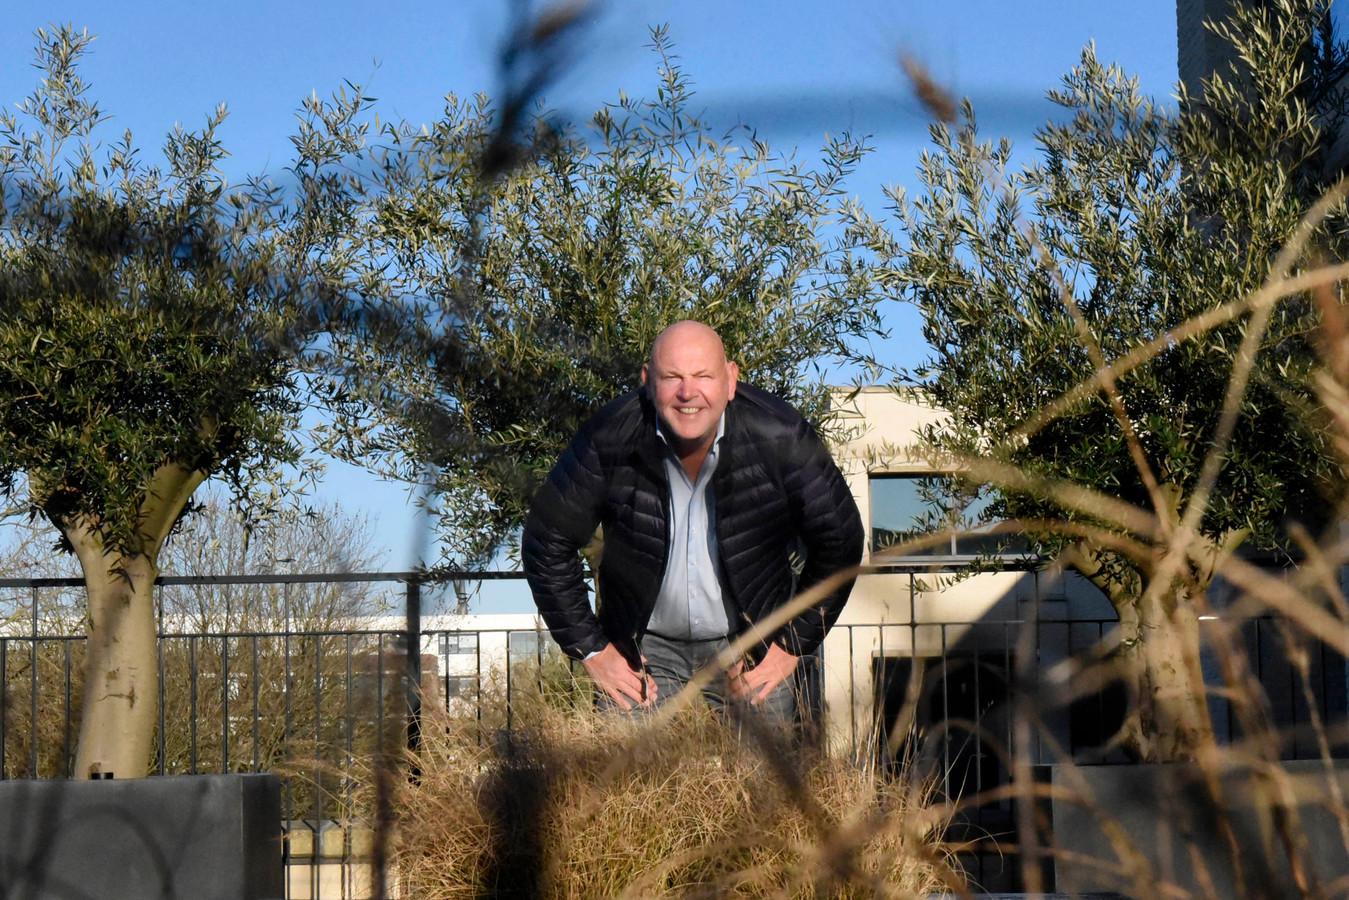 Pieter Jan Datema moet Nederland met zijn bedrijf Crypto2Cash verlaten.